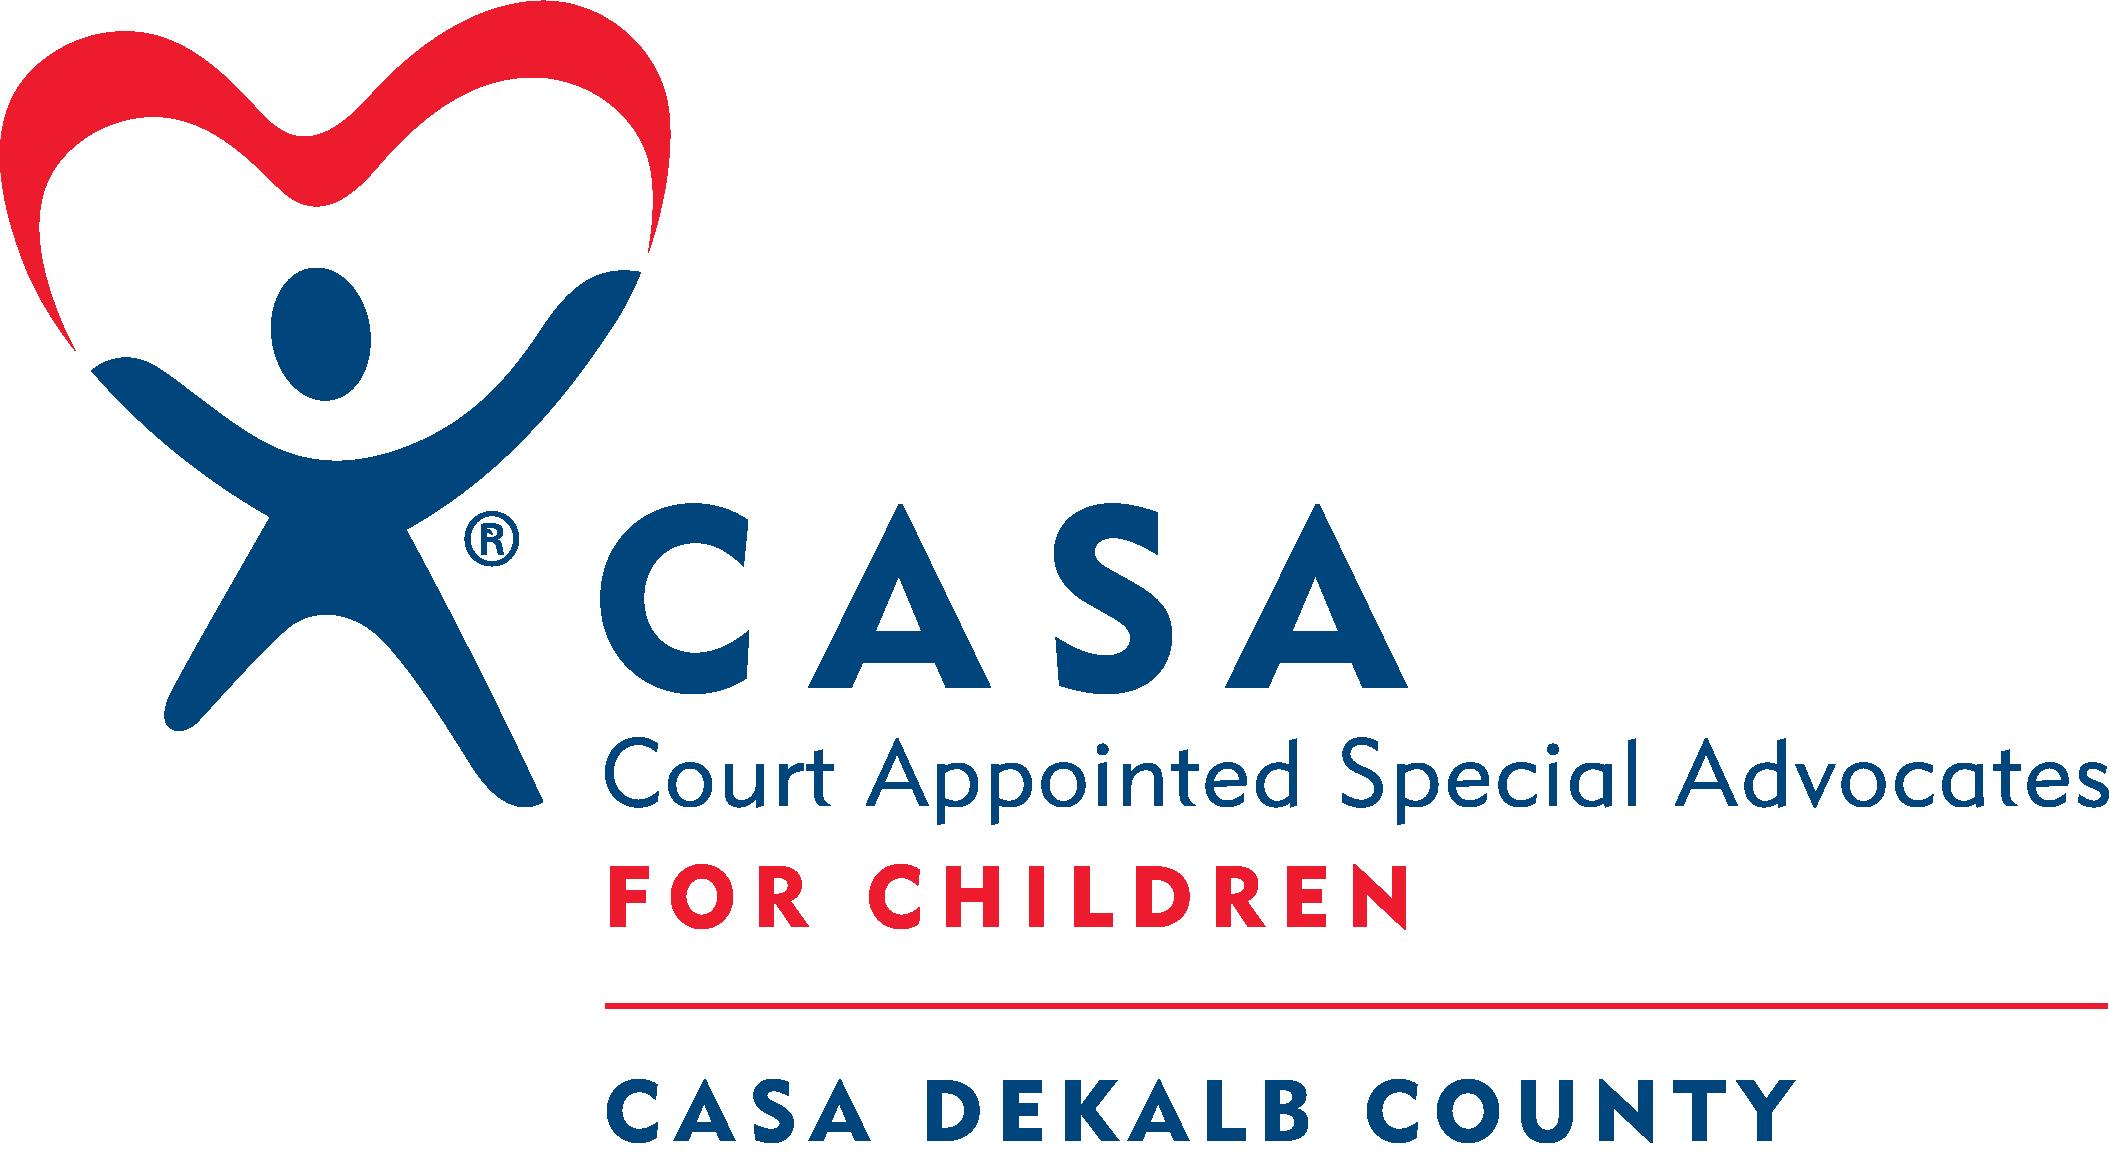 CASA DeKalb County, Inc.